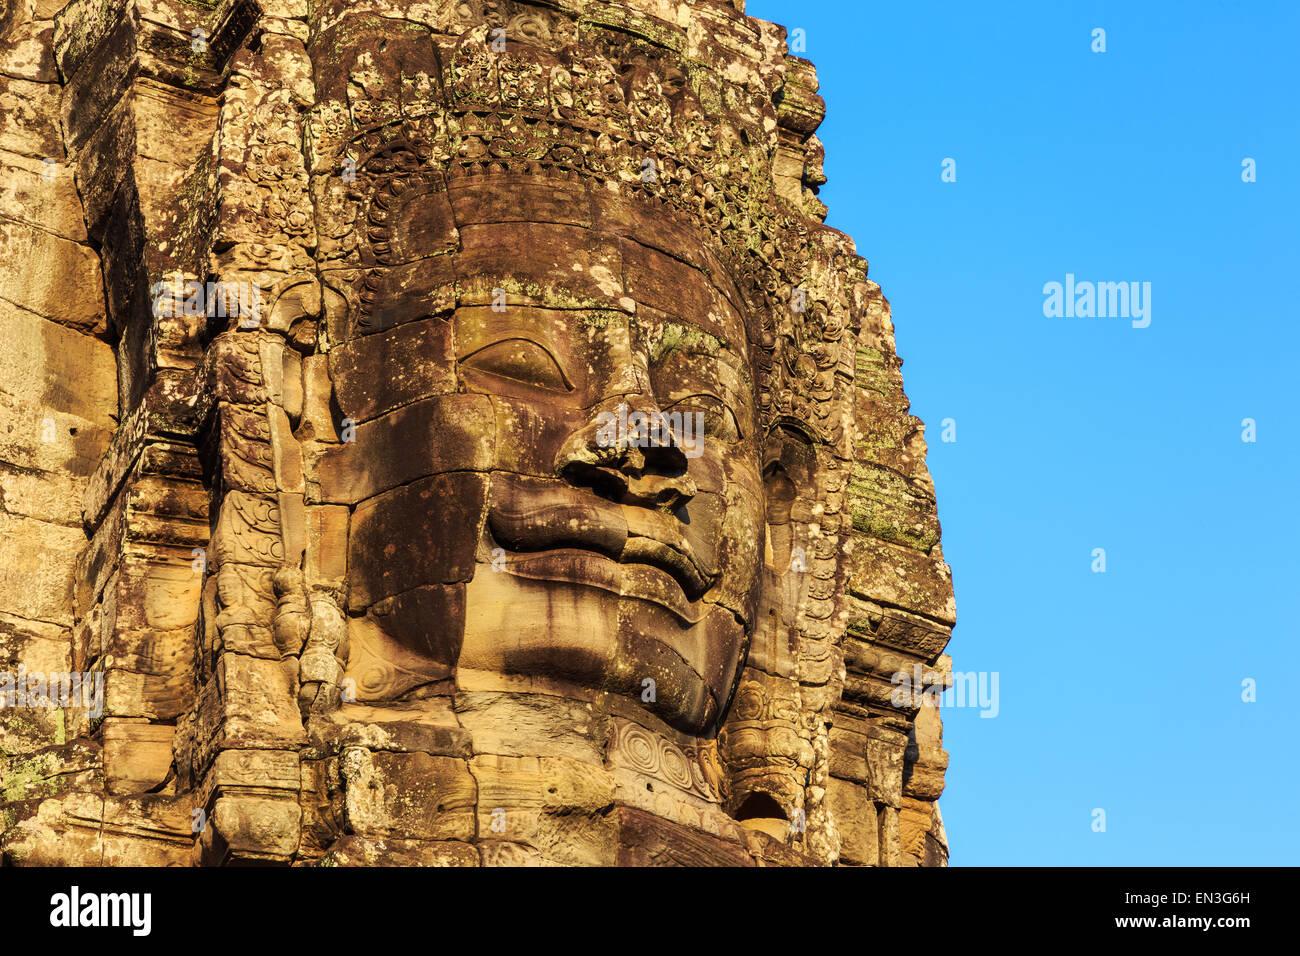 Face Pierre tours du temple Bayon à ancient Angkor. Siem Reap, Cambodge Banque D'Images